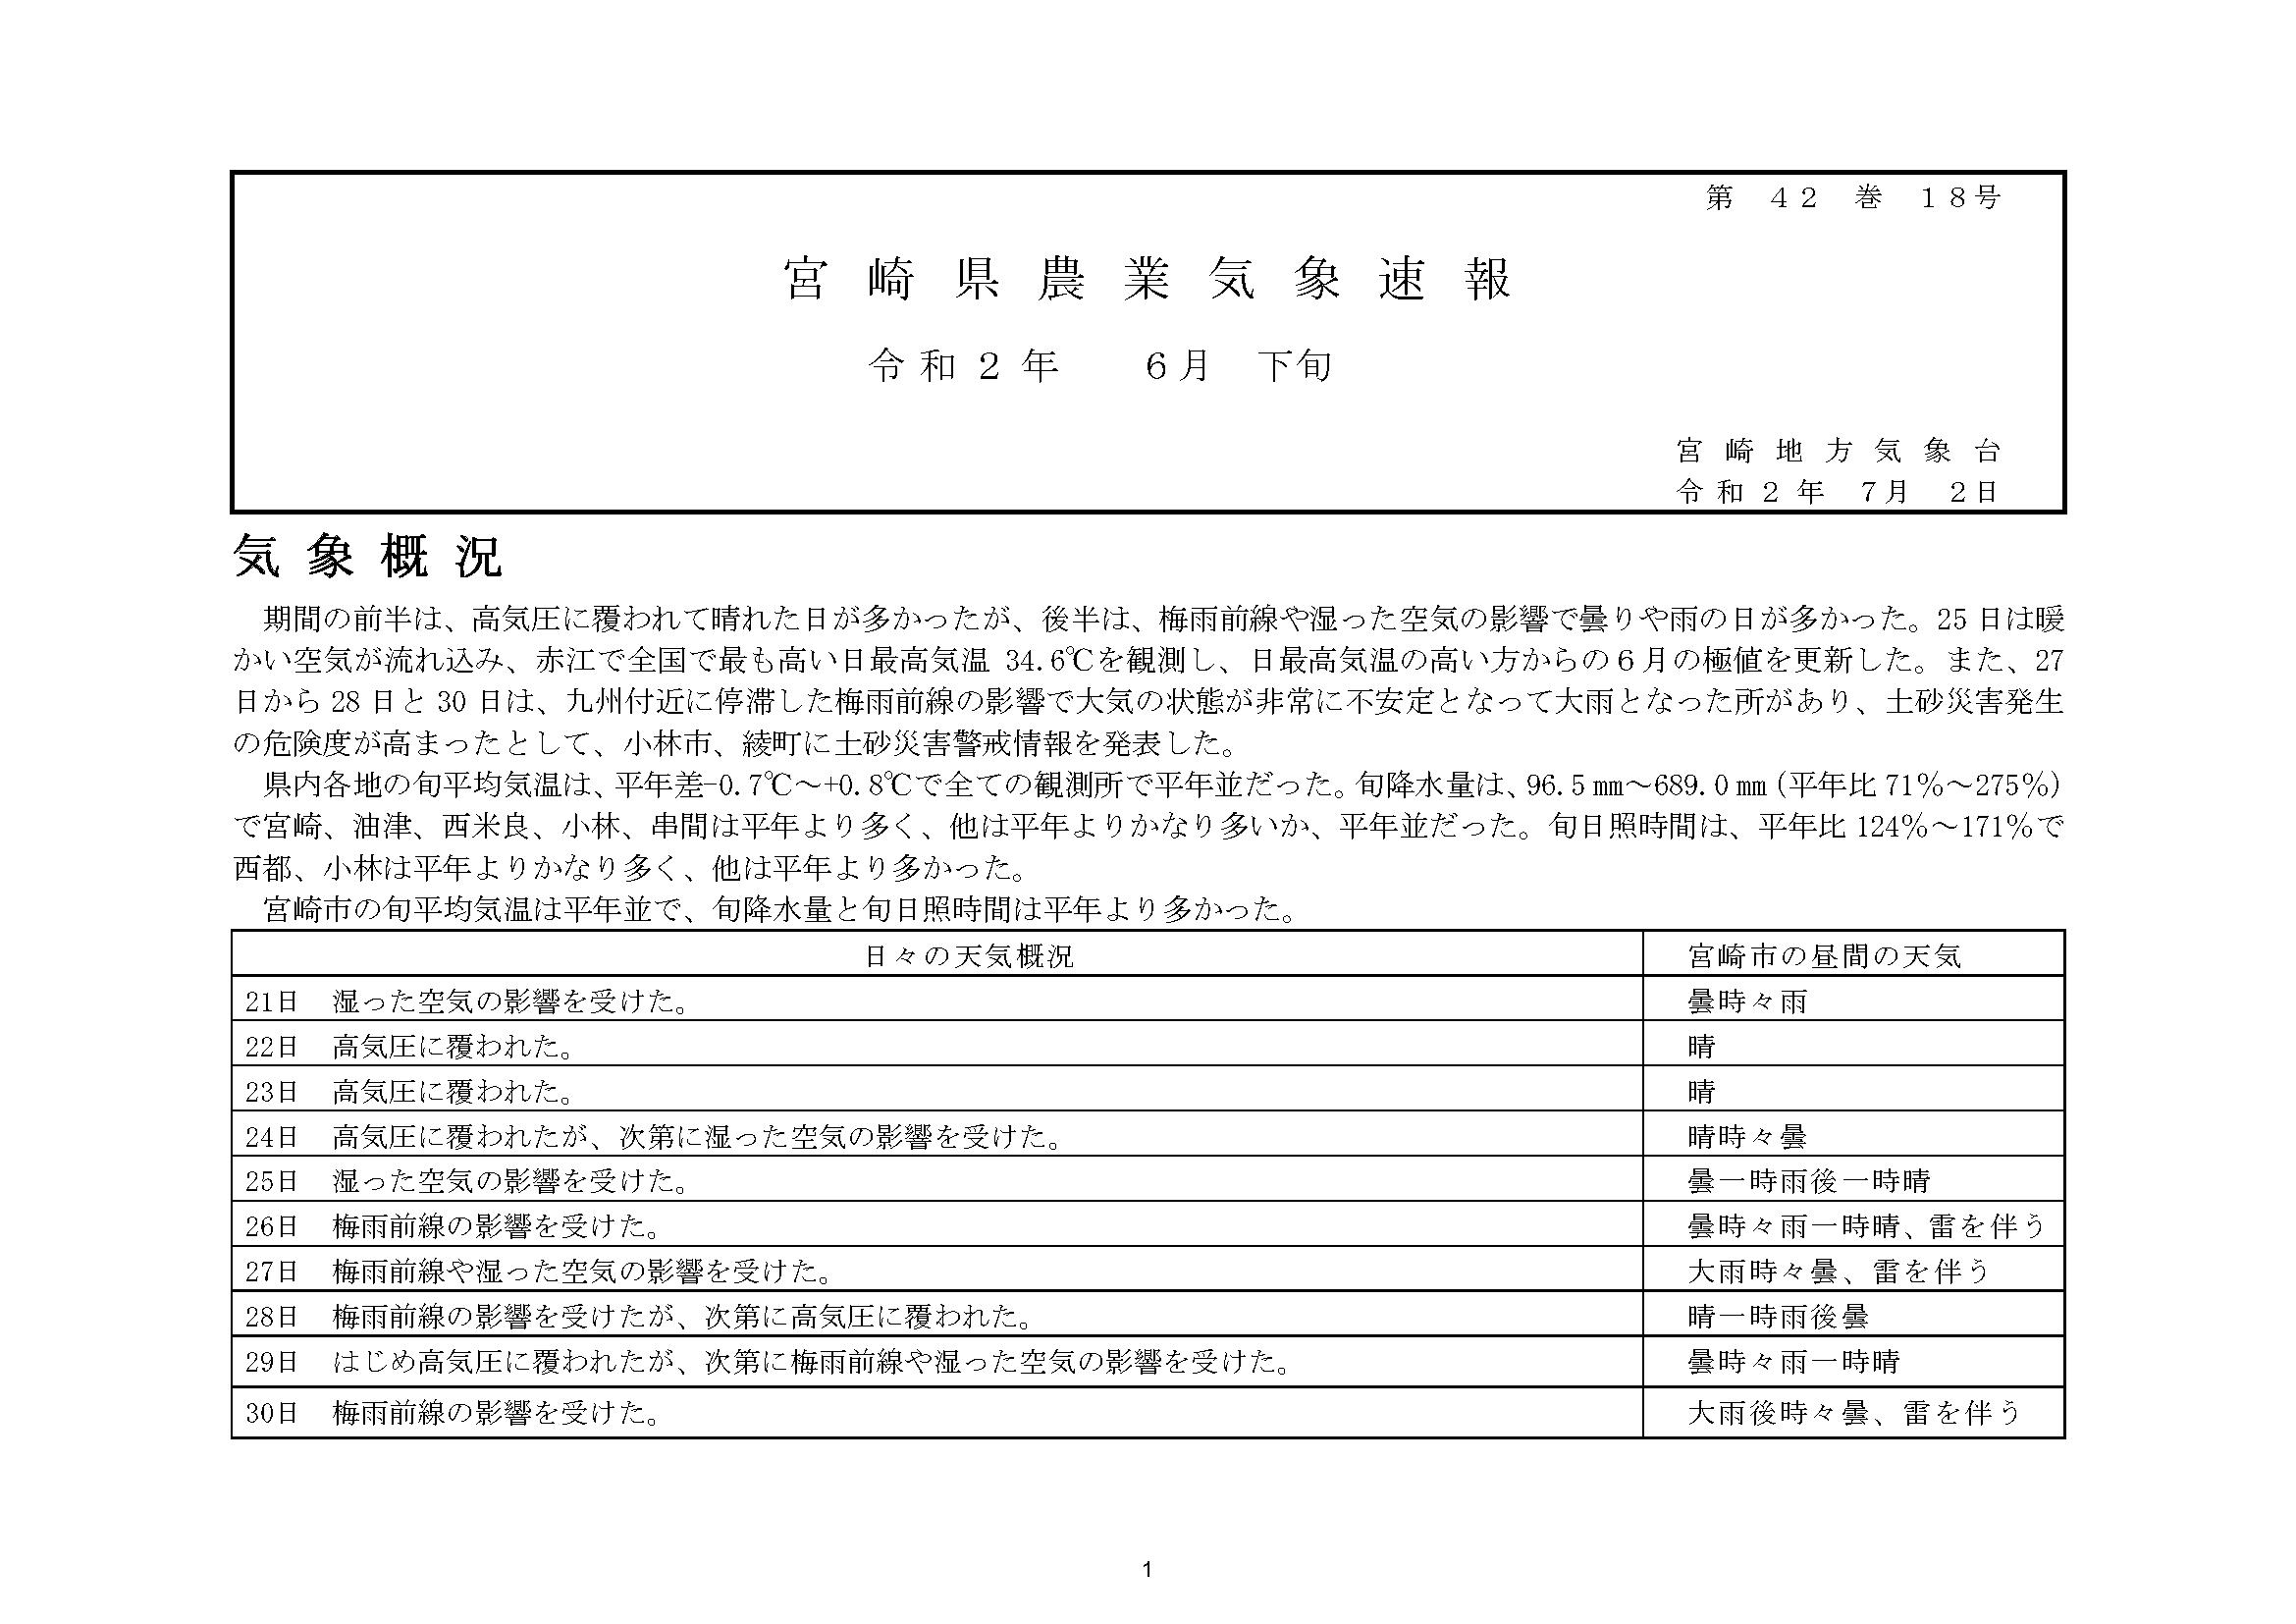 宮崎県農業気象速報令和2年6月下旬PDF